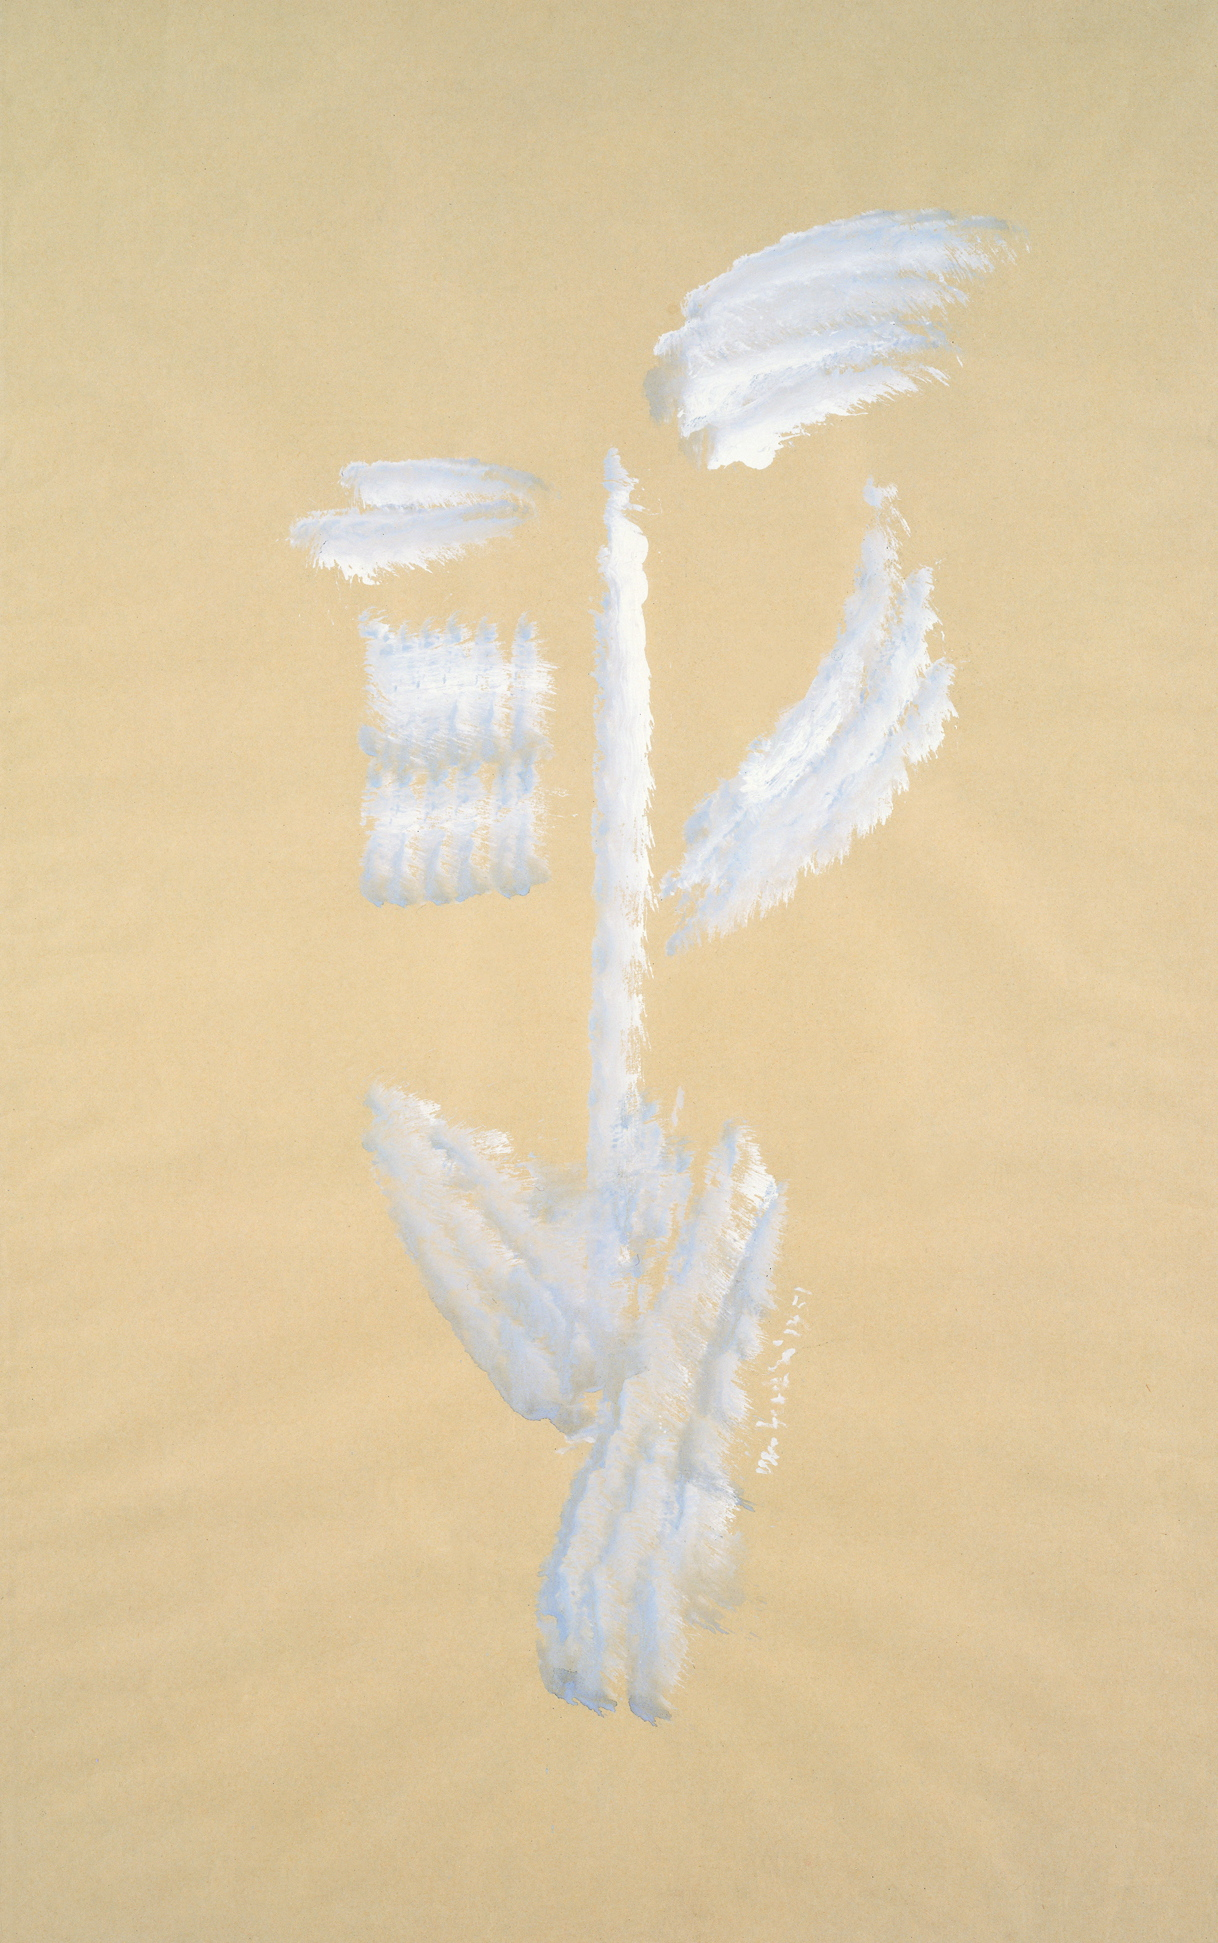 senza titolo, 1951, tempera su carta, cm 78,5 x 49  untitled, 1951, tempera on paper, cm 78,5 x 49